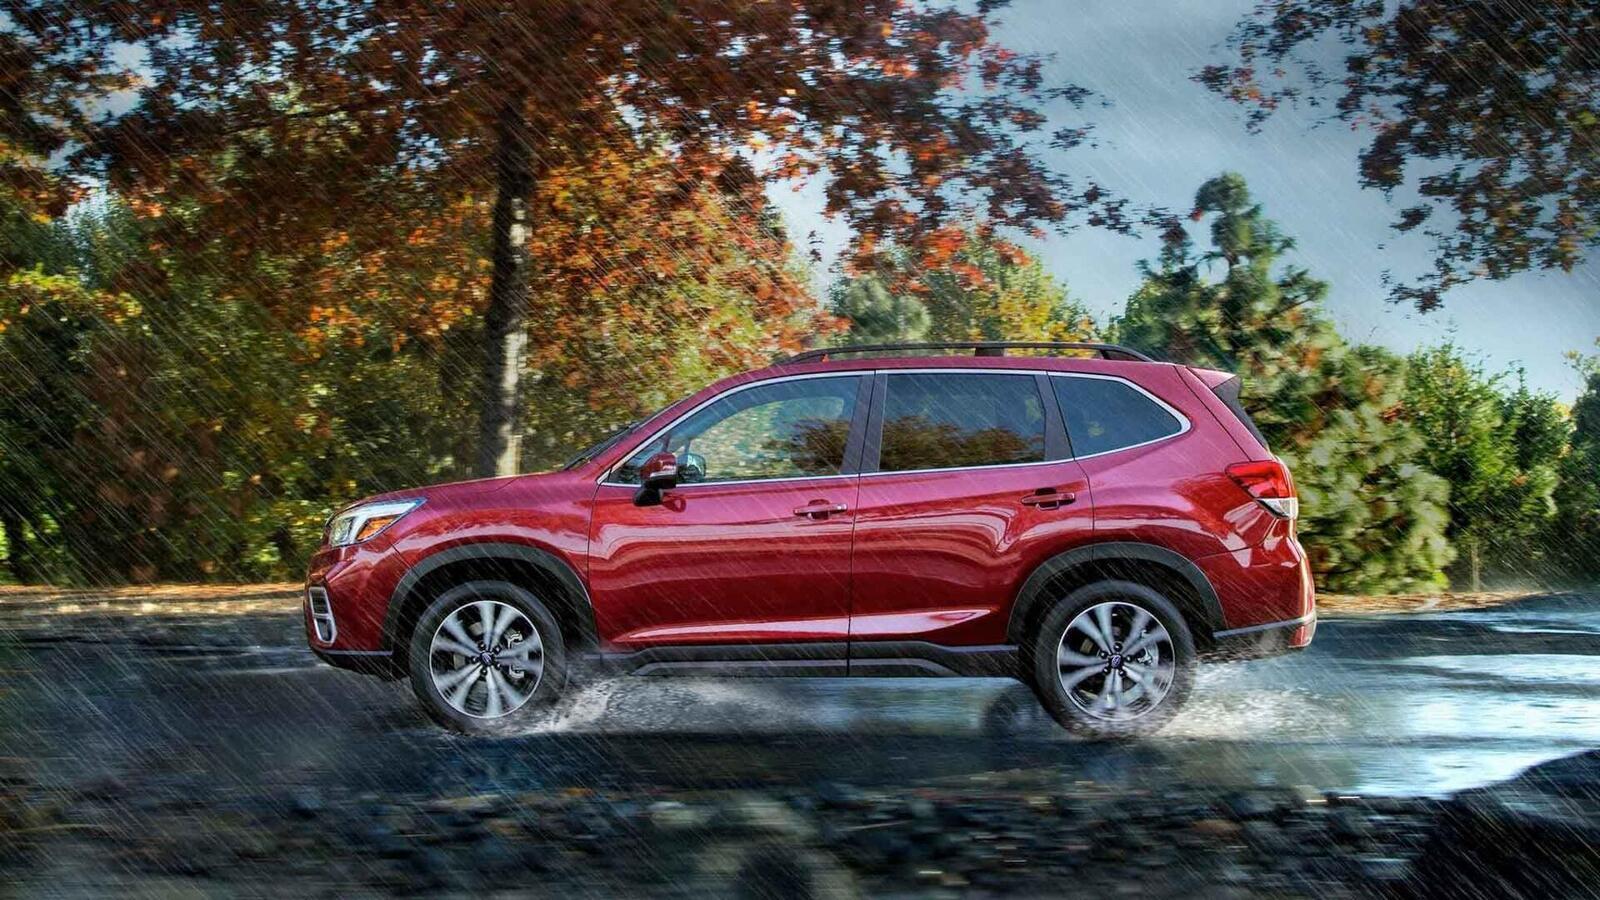 Subaru Forester 2019: Thay đổi nội ngoại thất, động cơ mạnh hơn, thêm nhiều phiên bản - Hình 6